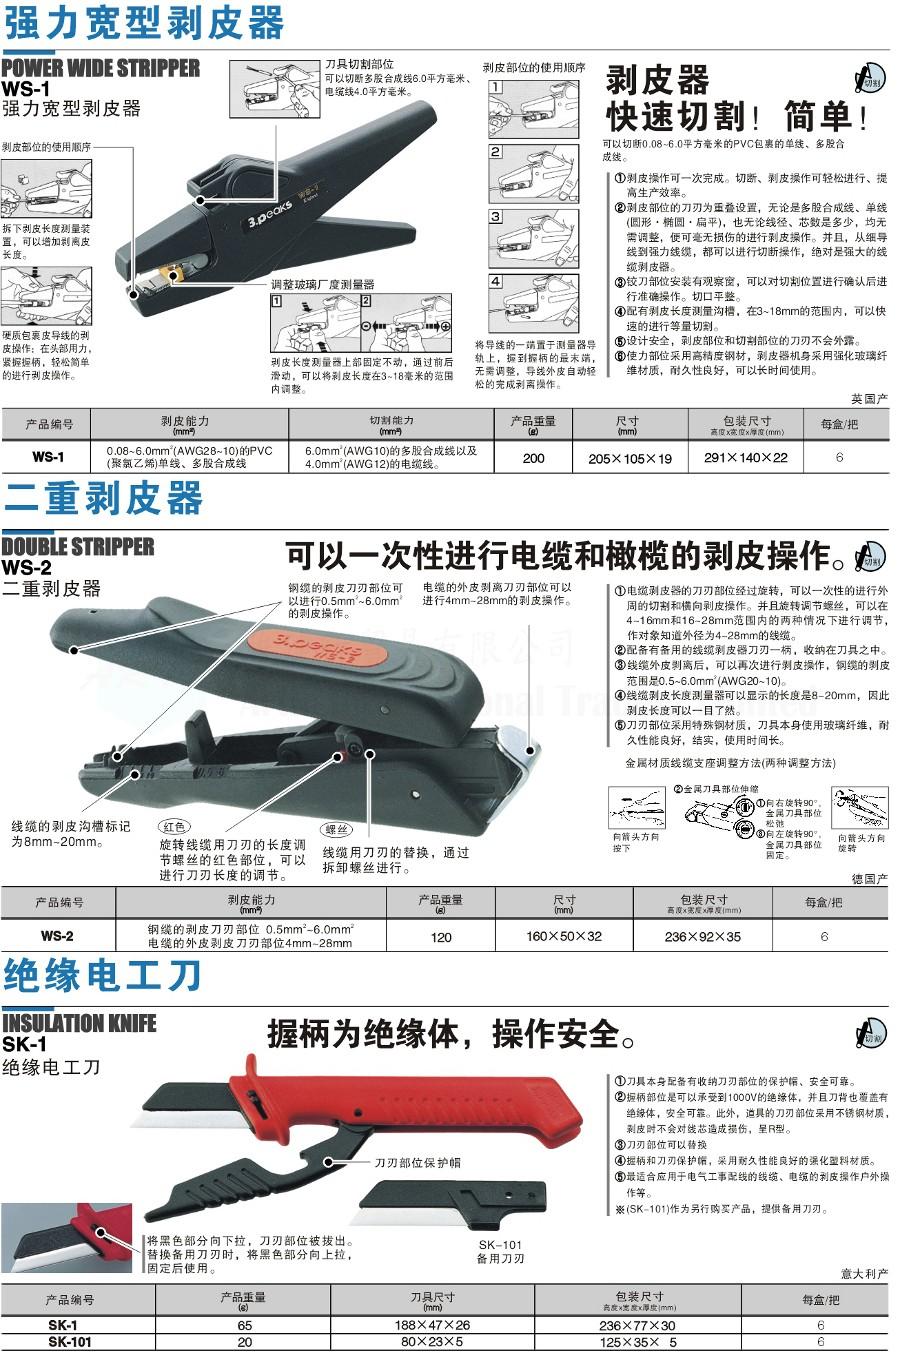 強力寛型剝皮器/二重剝皮器/絕緣電工刀